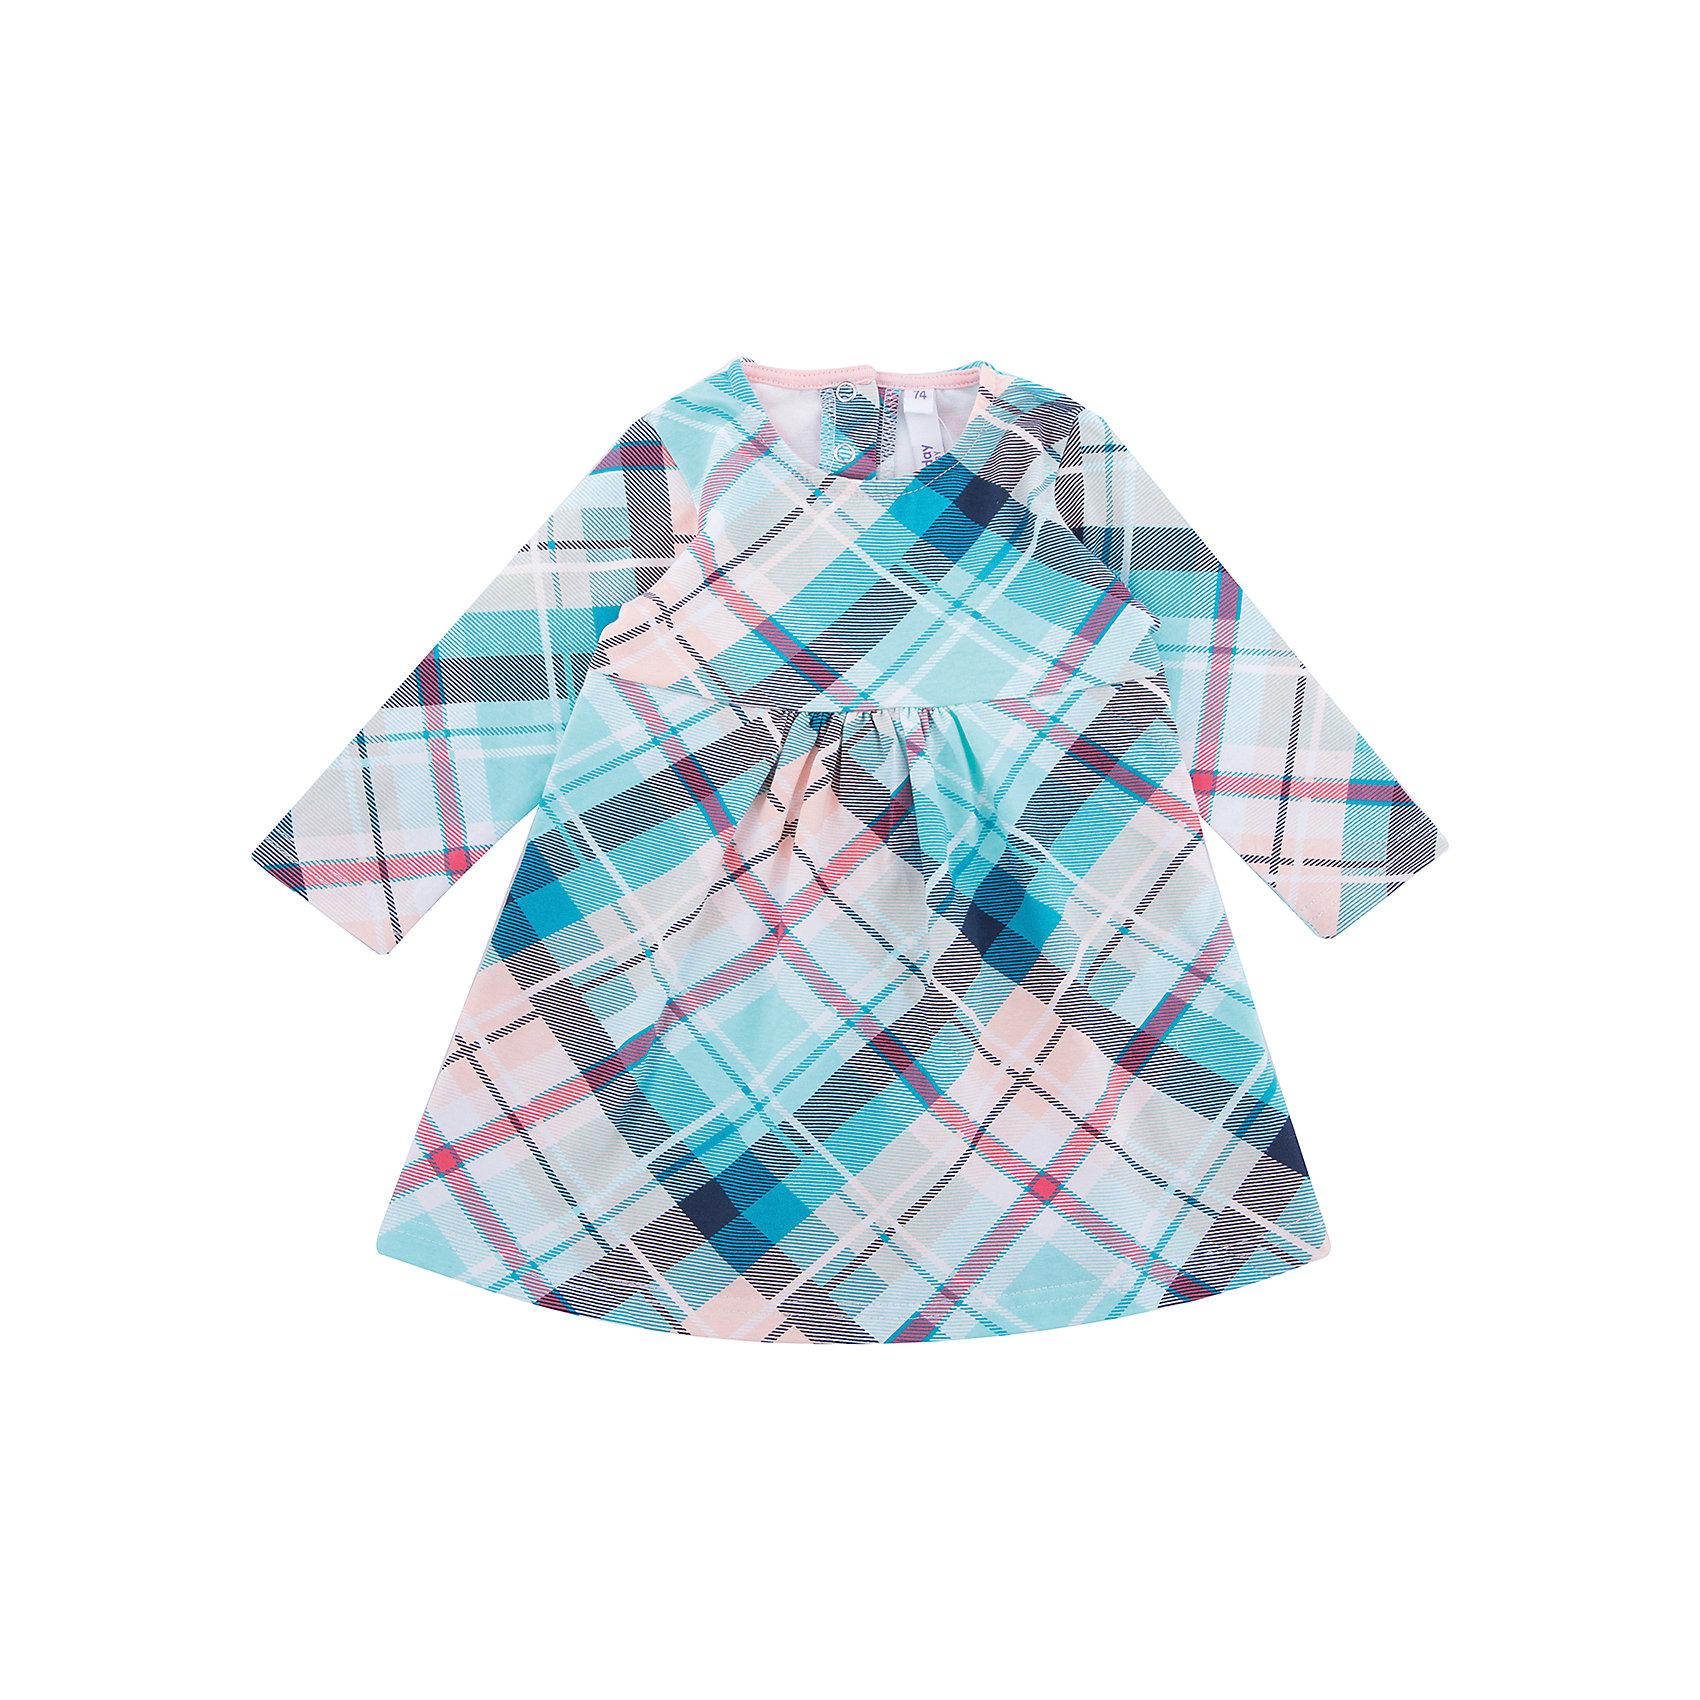 Платье PlayToday для девочкиПлатья<br>Платье PlayToday для девочки<br>Платье с округлым вырезом горловины и длинным рукавом. Модель расклешенная книзу, выполнена из натуральной принтованной ткани. На спинке удобные застежки - кнопки.<br>Состав:<br>95% хлопок, 5% эластан<br><br>Ширина мм: 236<br>Глубина мм: 16<br>Высота мм: 184<br>Вес г: 177<br>Цвет: белый<br>Возраст от месяцев: 12<br>Возраст до месяцев: 18<br>Пол: Женский<br>Возраст: Детский<br>Размер: 86,92,74,80<br>SKU: 7110367